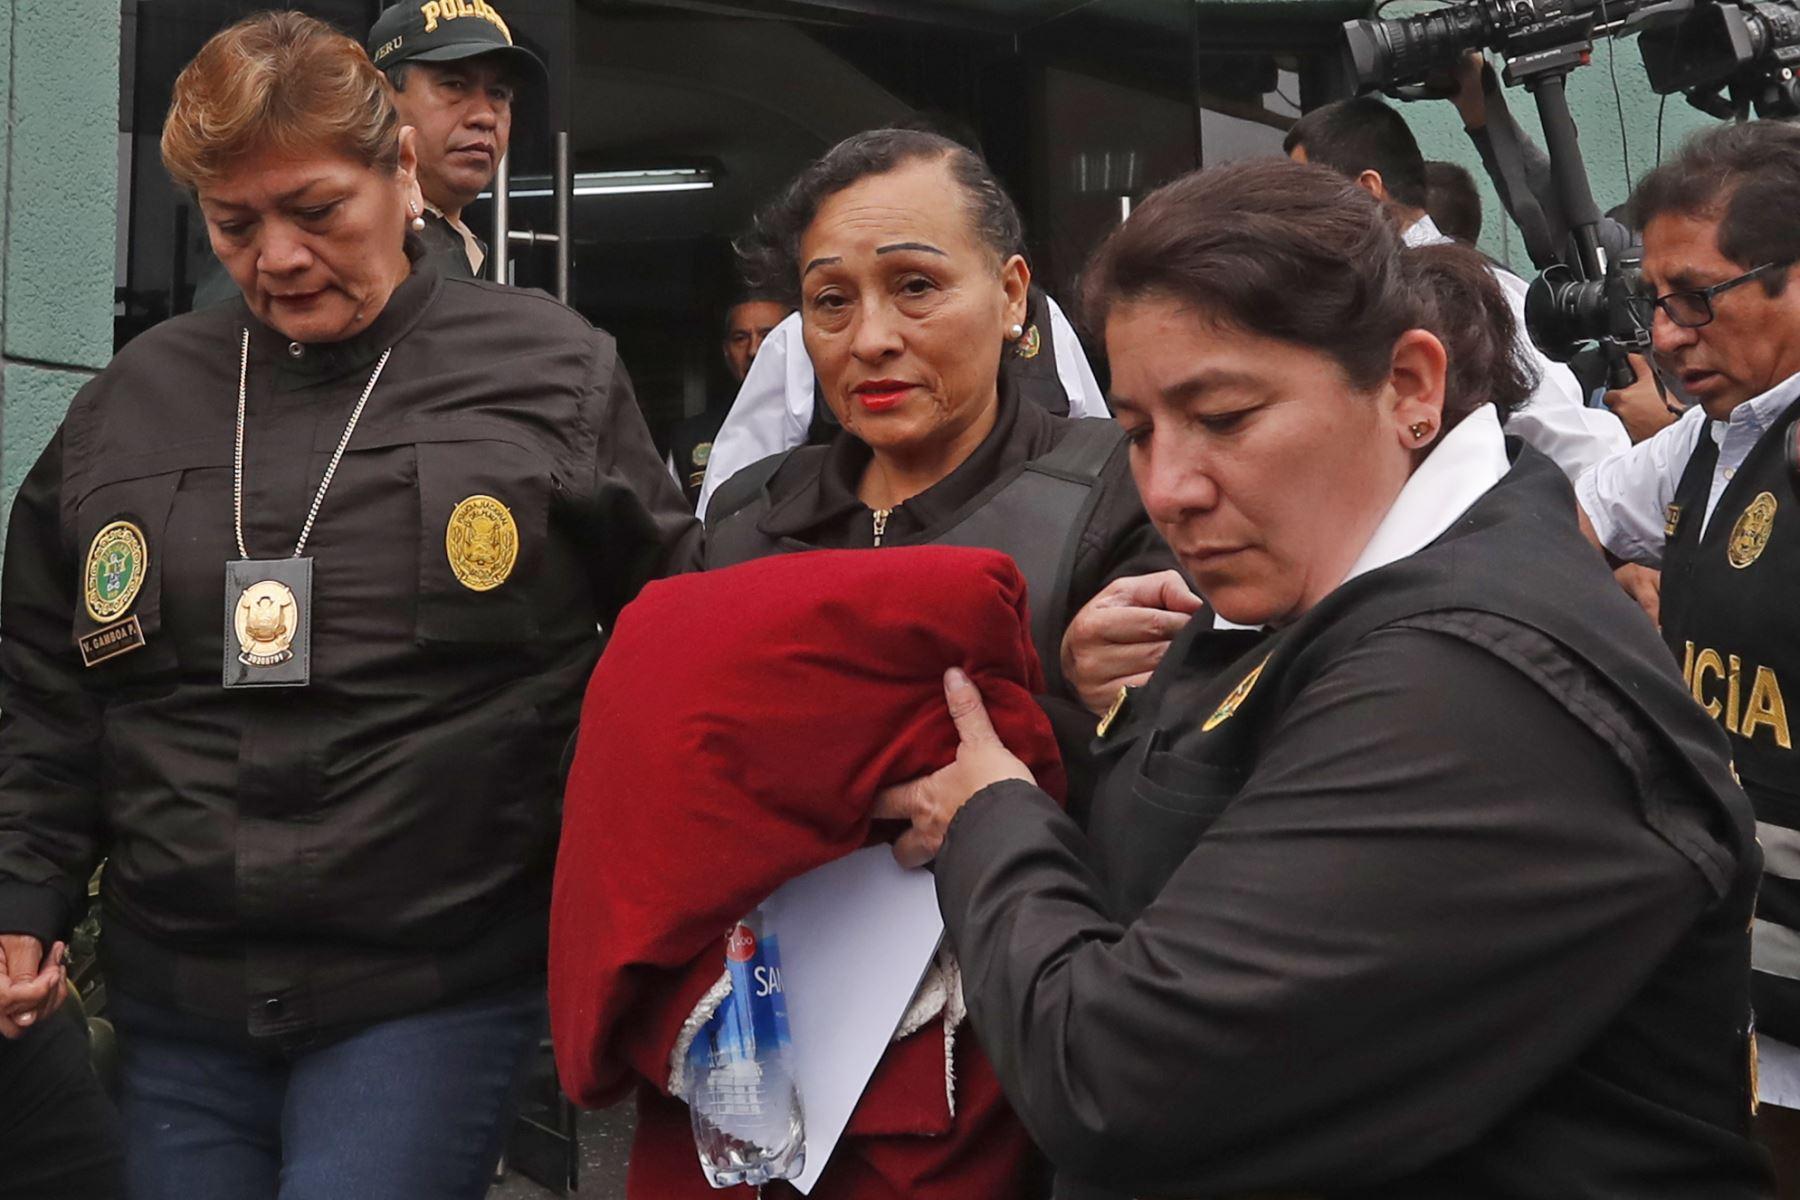 Pilar López y Araceli Oropeza, madre y hermana de Gerald Oropeza, son trasladadas de la sede de Requisitorias. Foto: ANDINA/ Renato Pajuelo